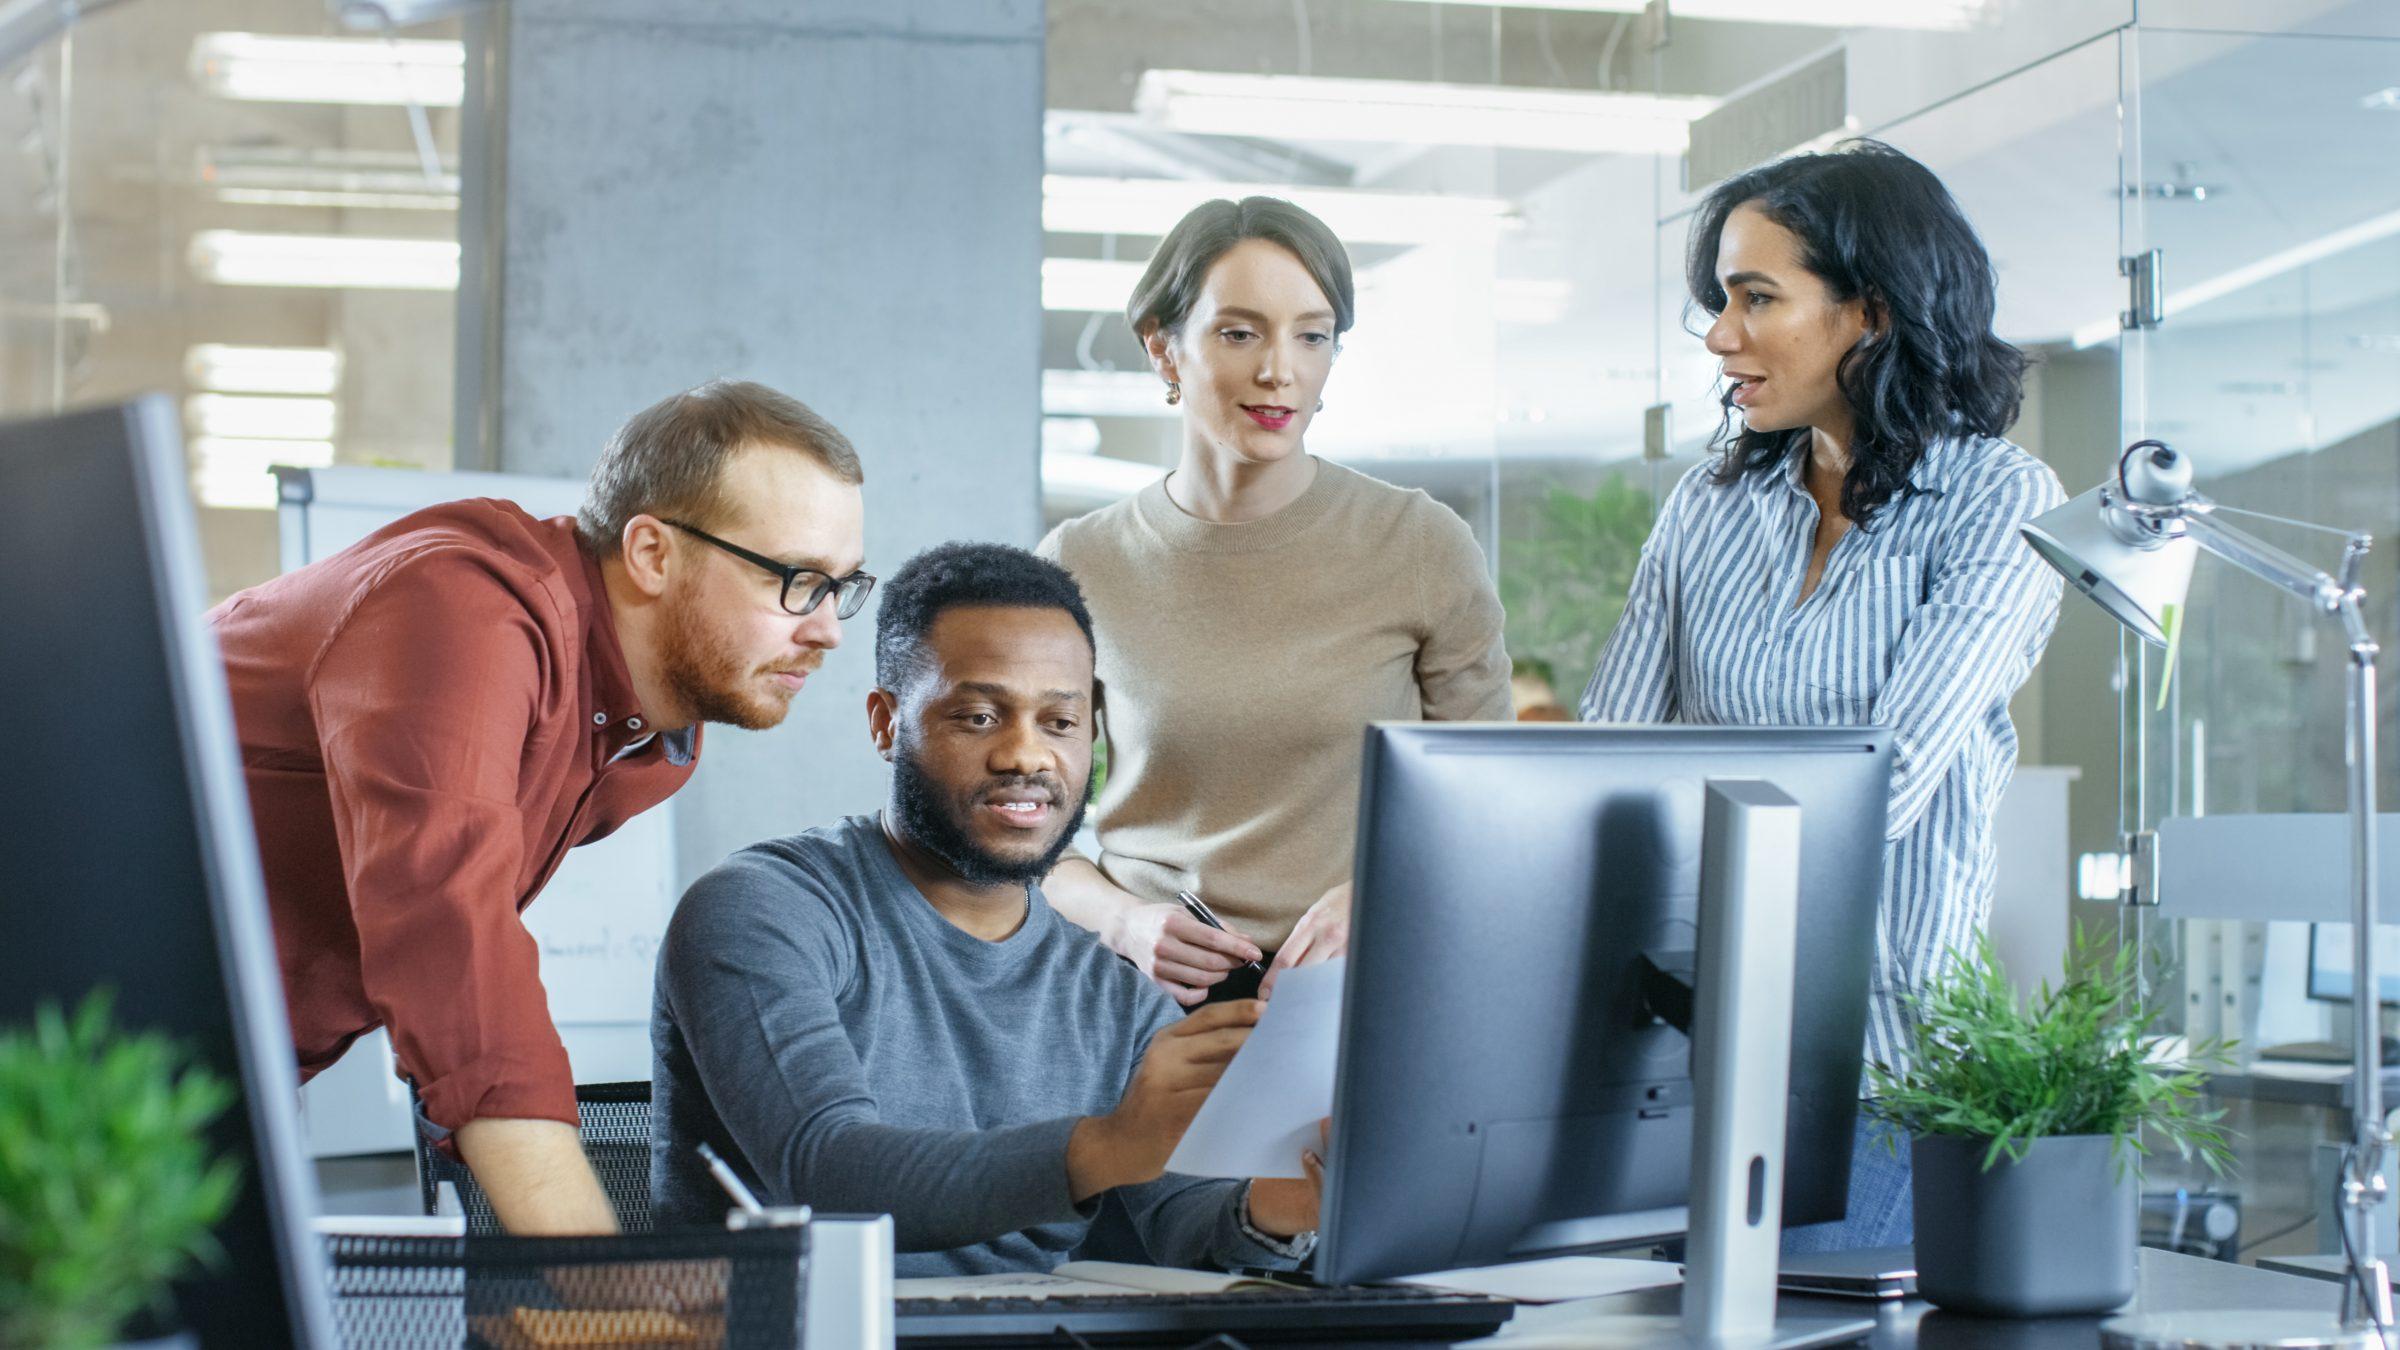 アメリカにおいて最も多様性のある職場とはどんなところか│PINGUINC.[ピングインク]